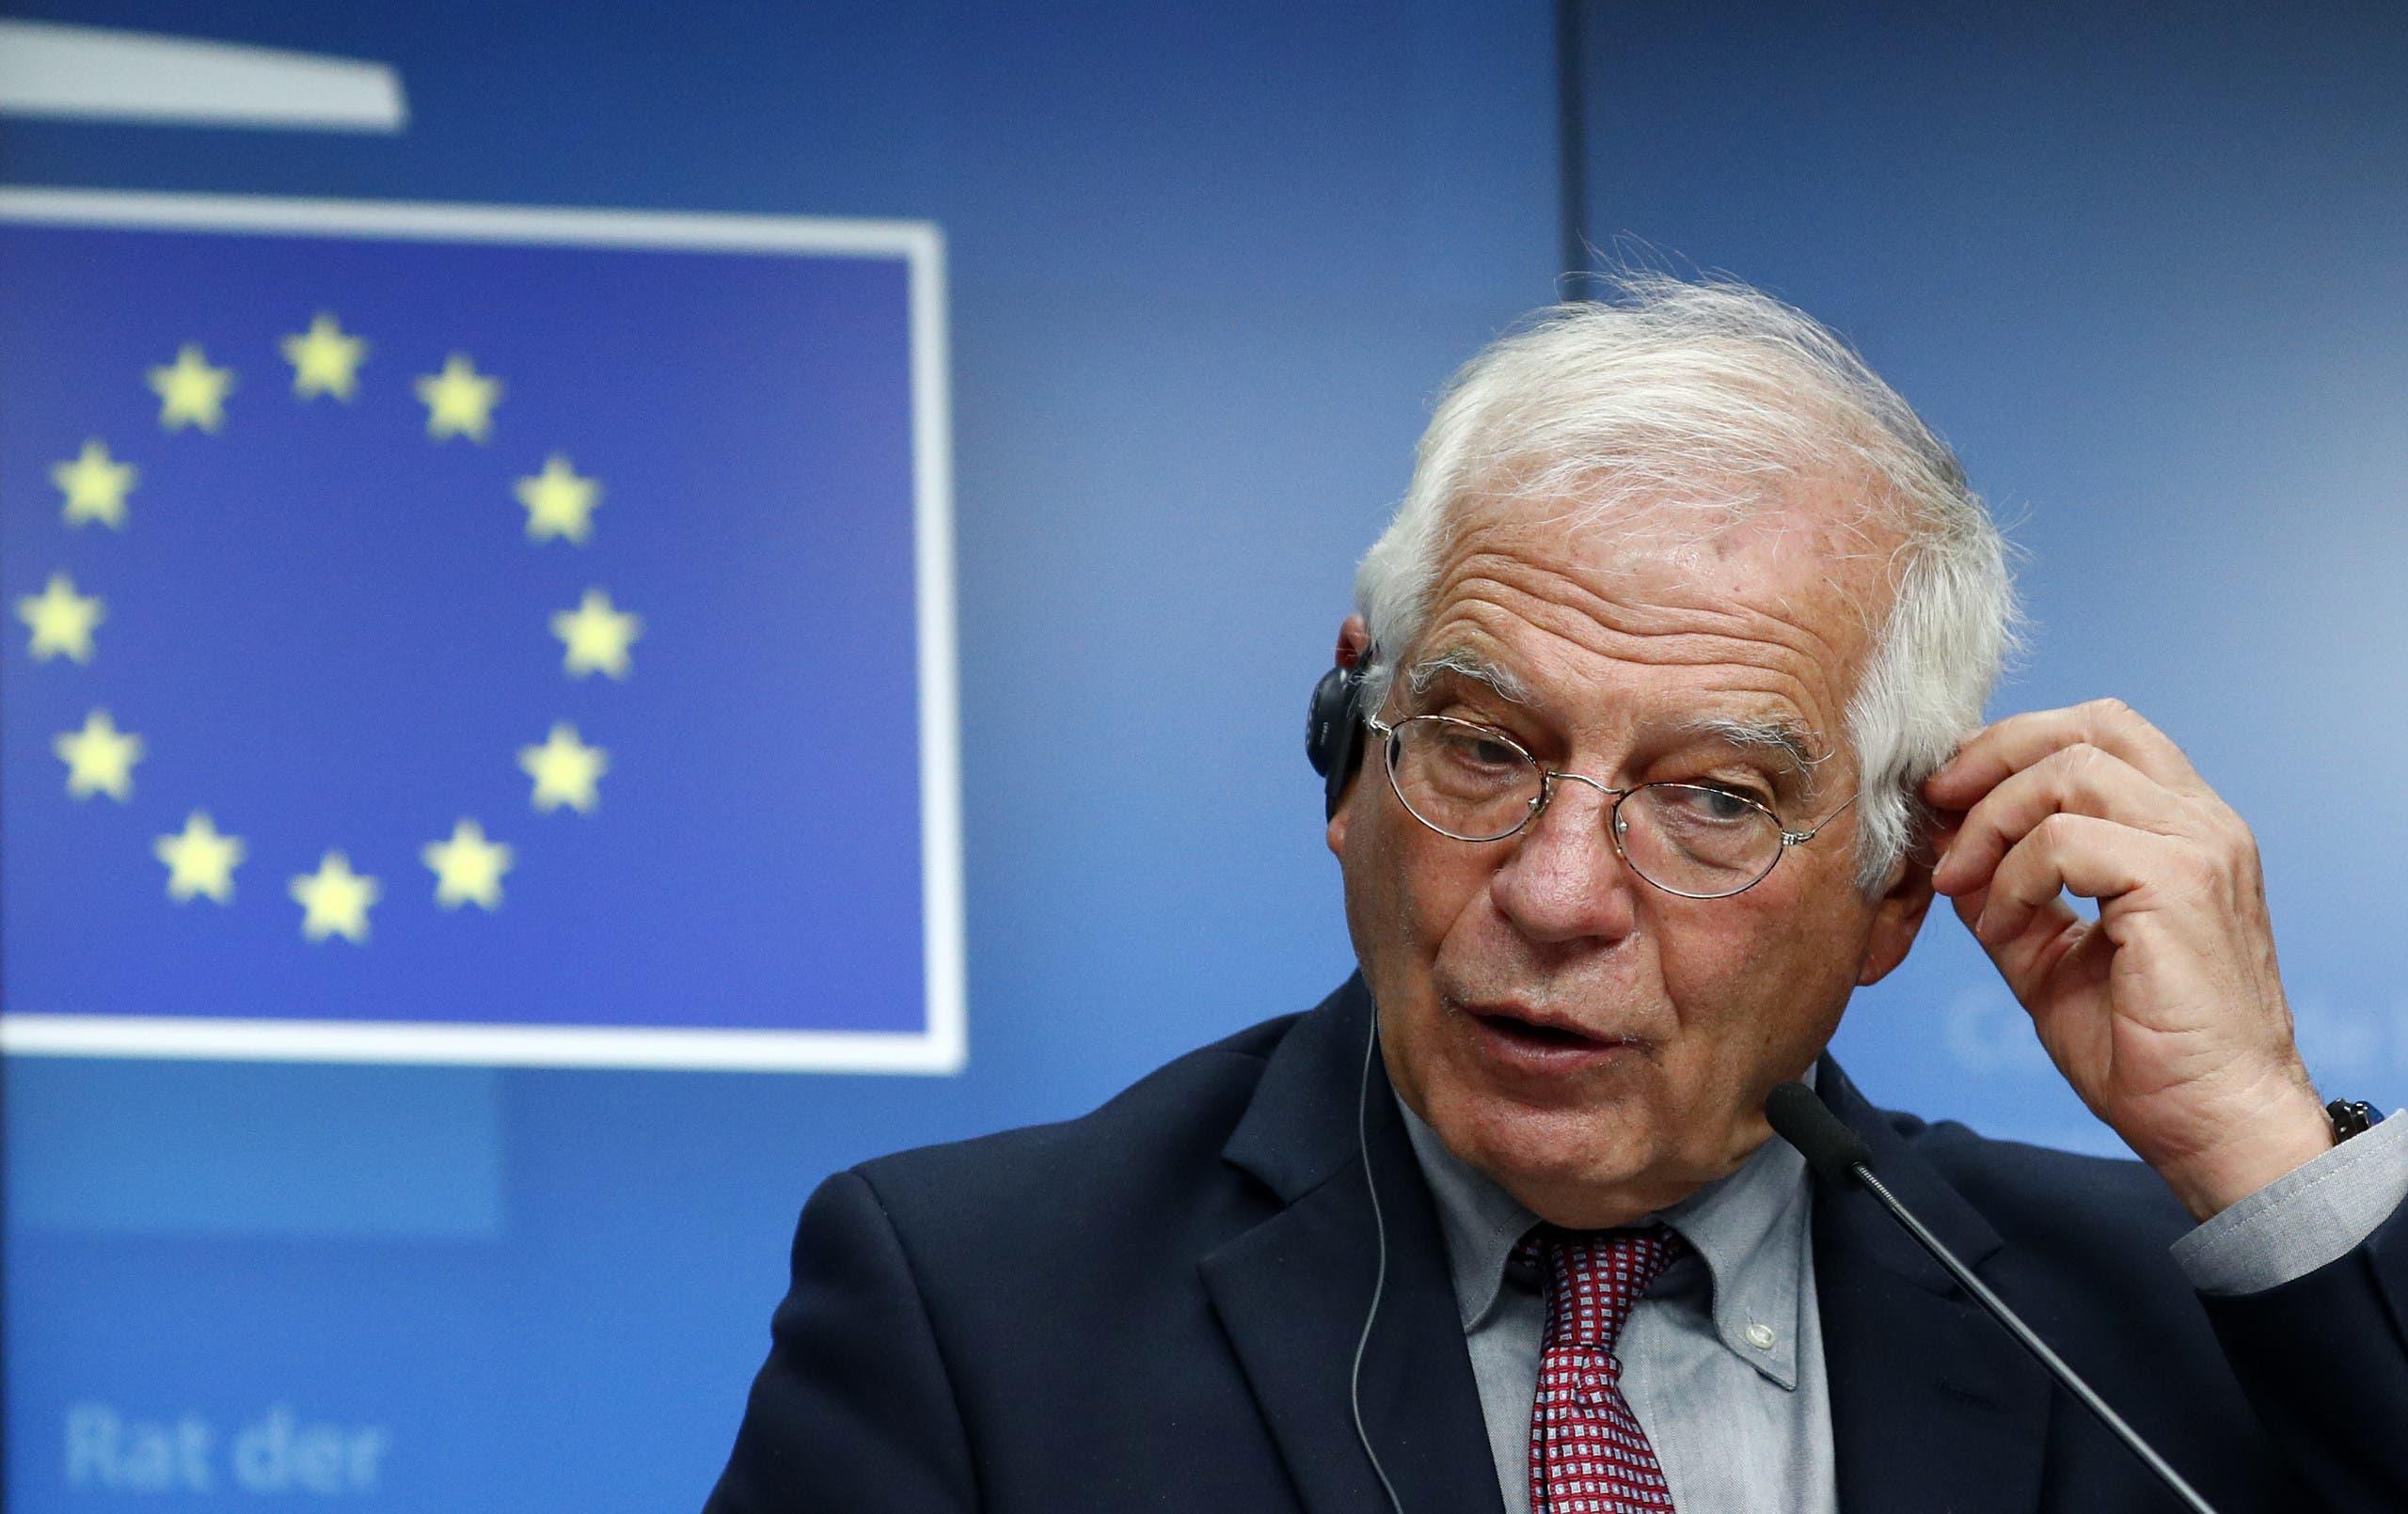 المفوض الأوروبي للعلاقات الخارجية جوزيب بوريل